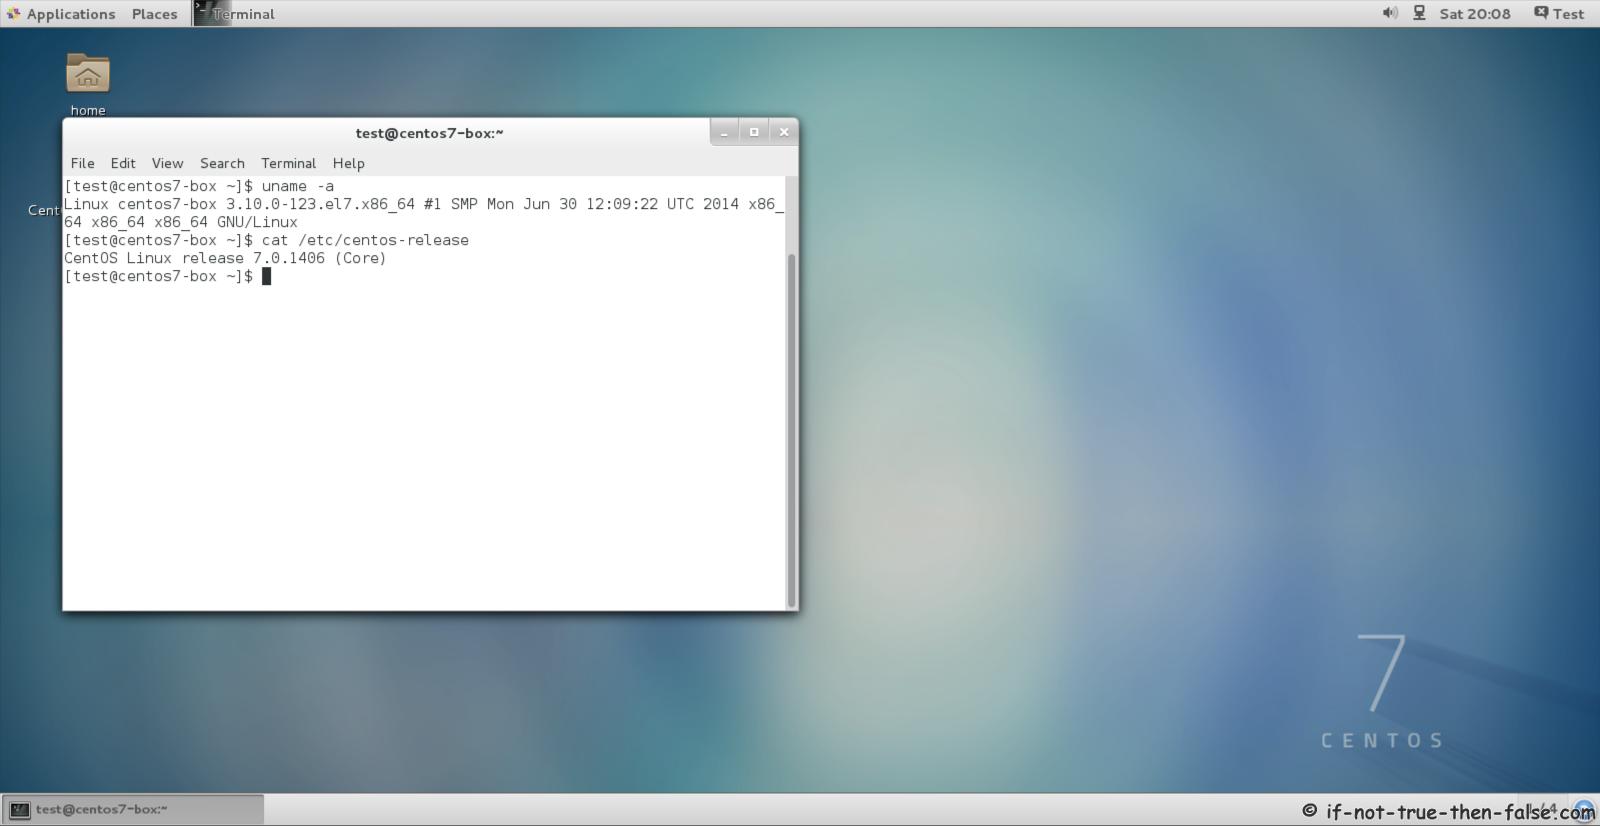 centos 7 2 netinstall guide network installation screenshots part 4 if not true then false counterpoint sql installation guide ms sql 2012 installation guide